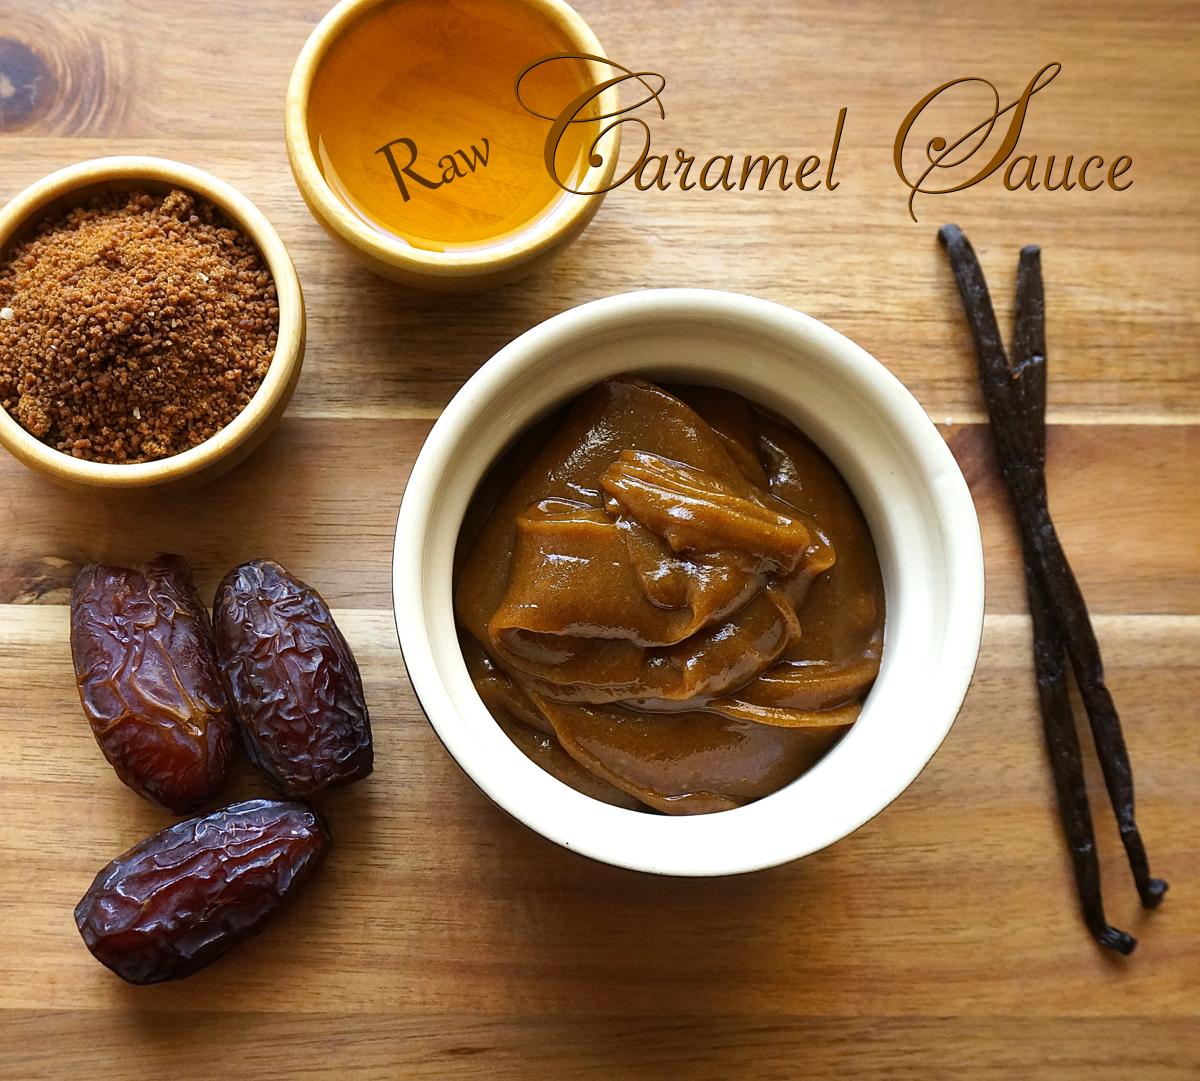 raw-caramel-sauce-image